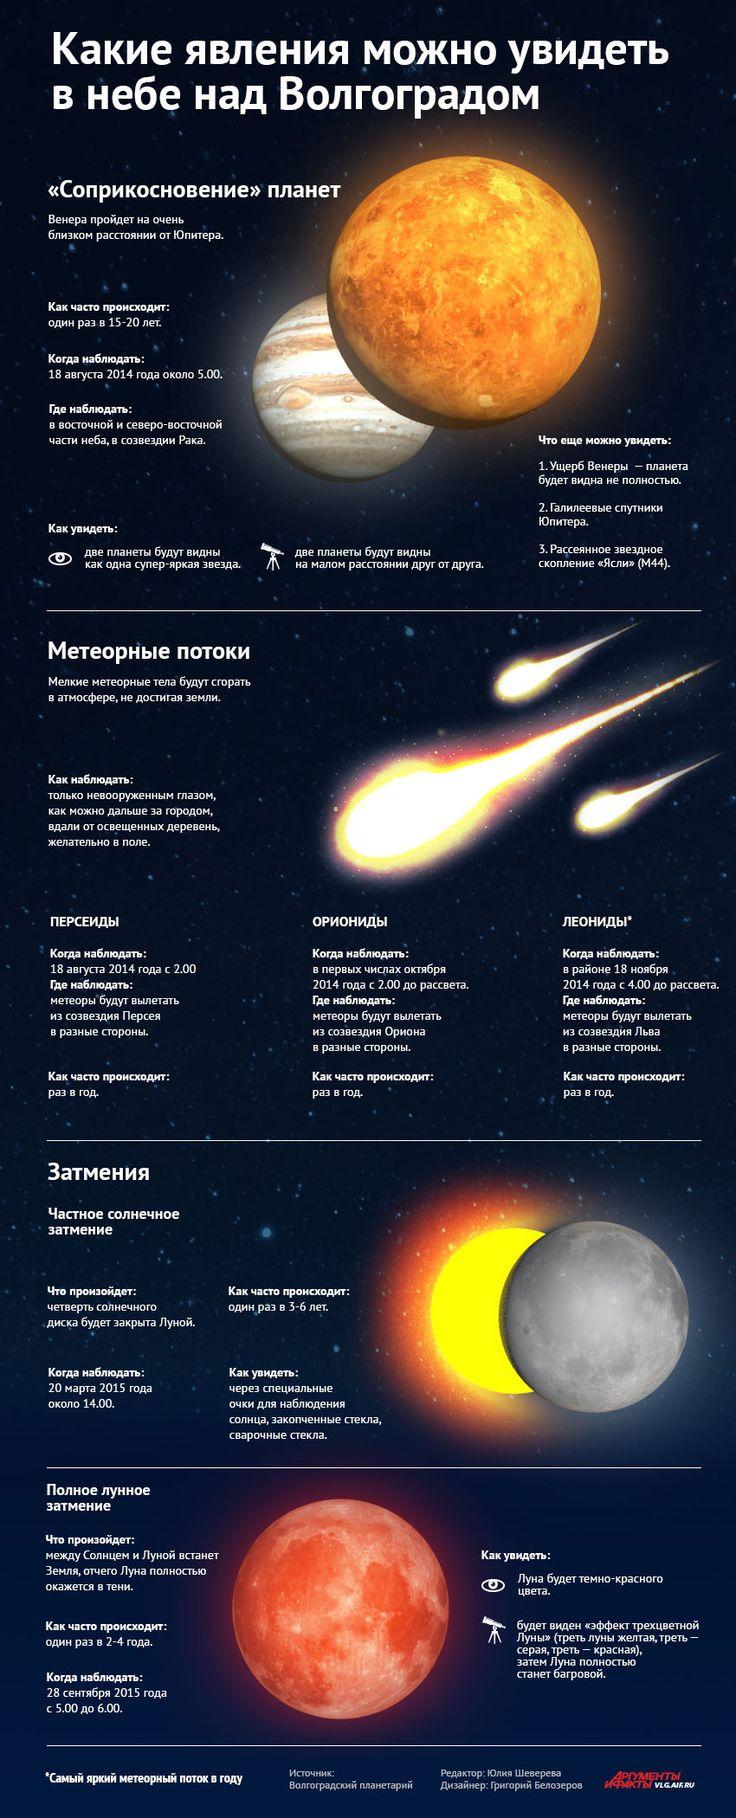 «АиФ-Волгоград» рассказывает о небесных явлениях, которые волгоградцы могут увидеть даже невооруженным глазом.